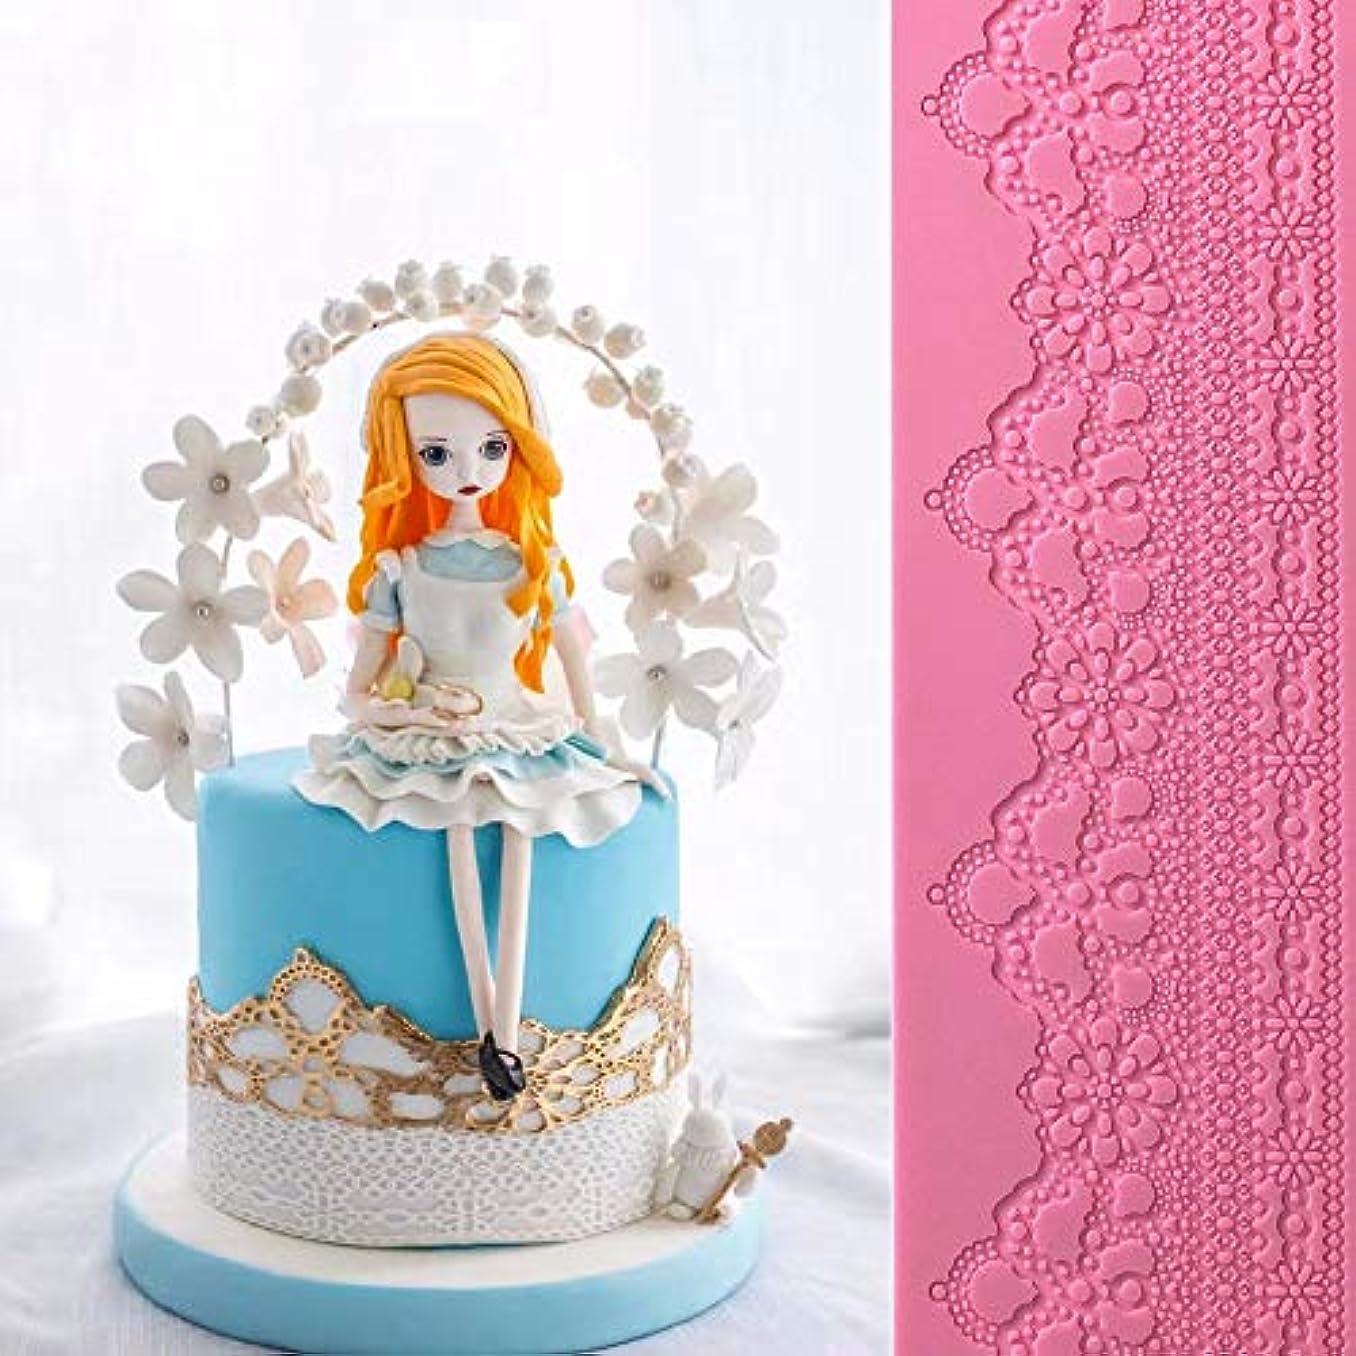 飛び込む不従順がんばり続ける食用の結婚式の花のレースのレースケーキシリコーンエンボスパッドテクスチャフォンダン印象レースパッド装飾金型チューインガム